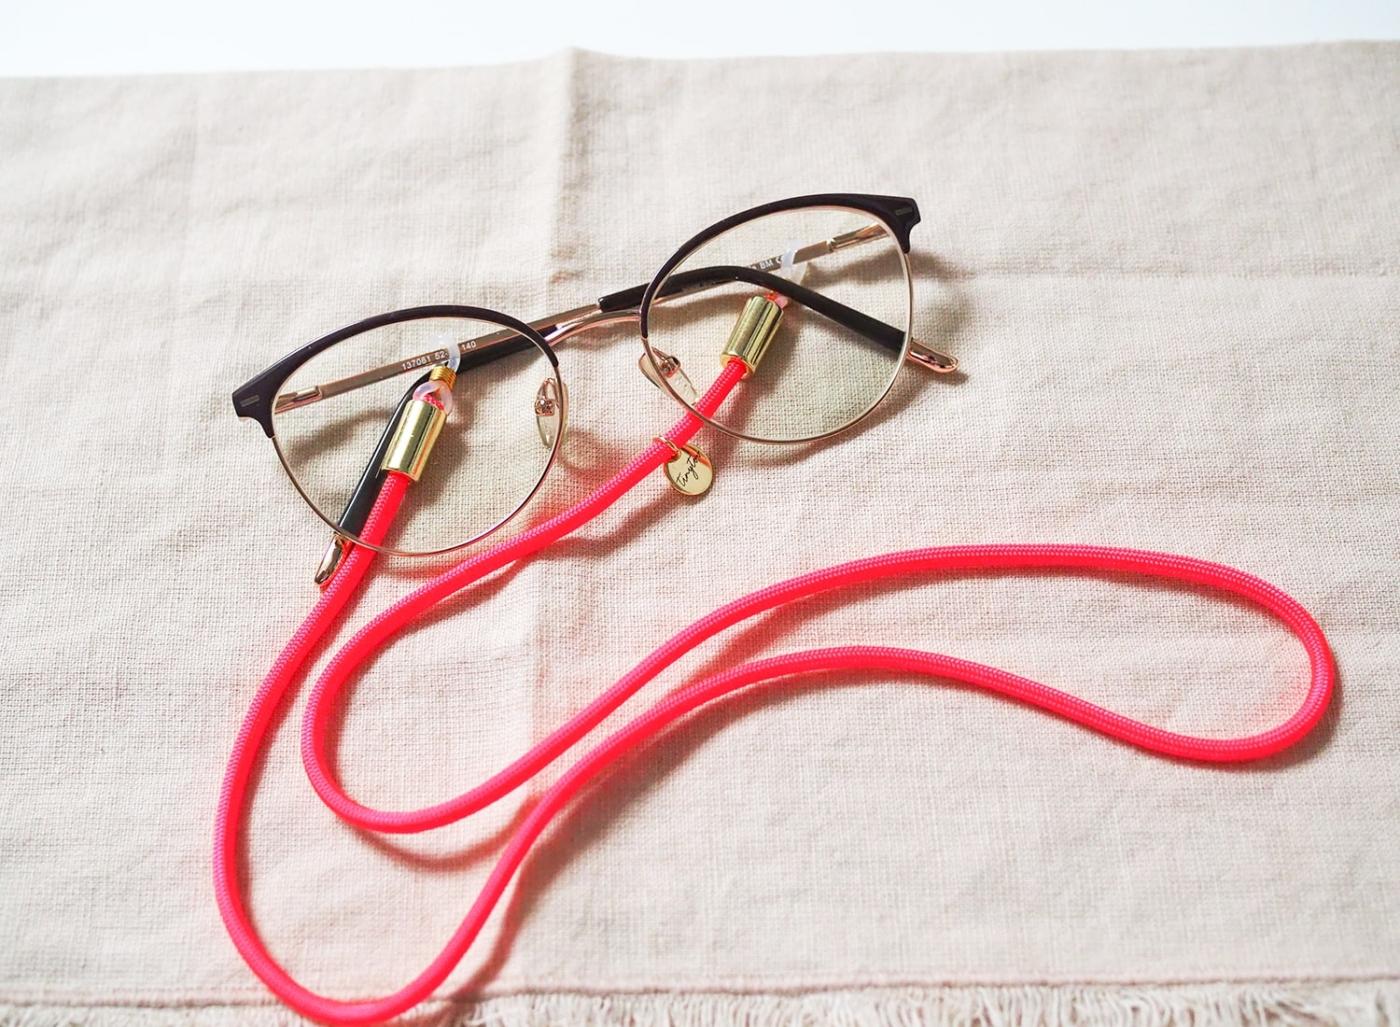 Brillenband in leuchtendem Pink mit goldenen Details.